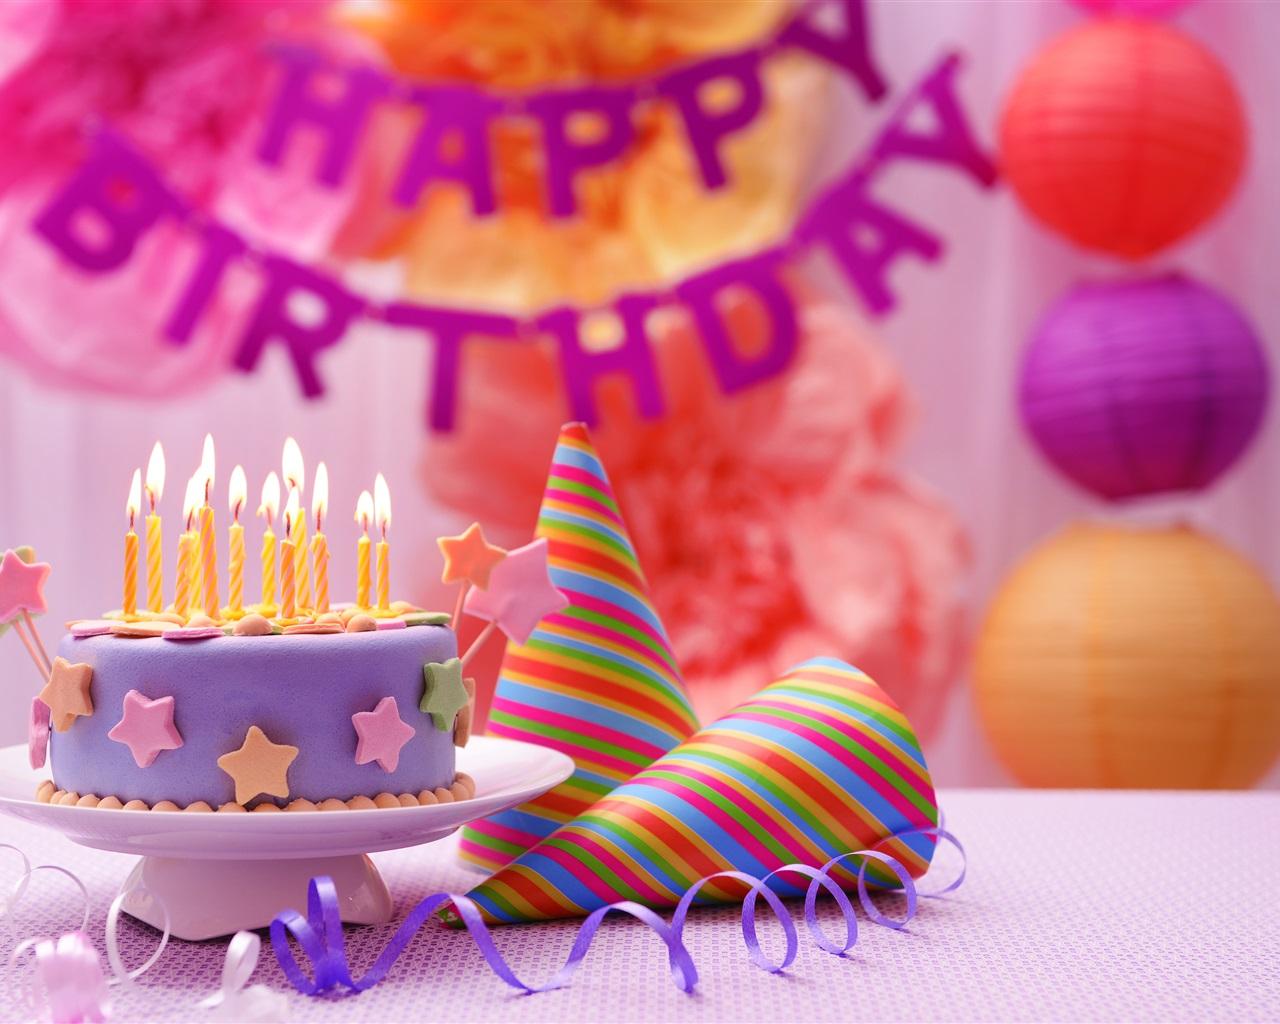 радиосхемы приборов, картинки с тортом и подарками на день рождения омбре сомбре собирают